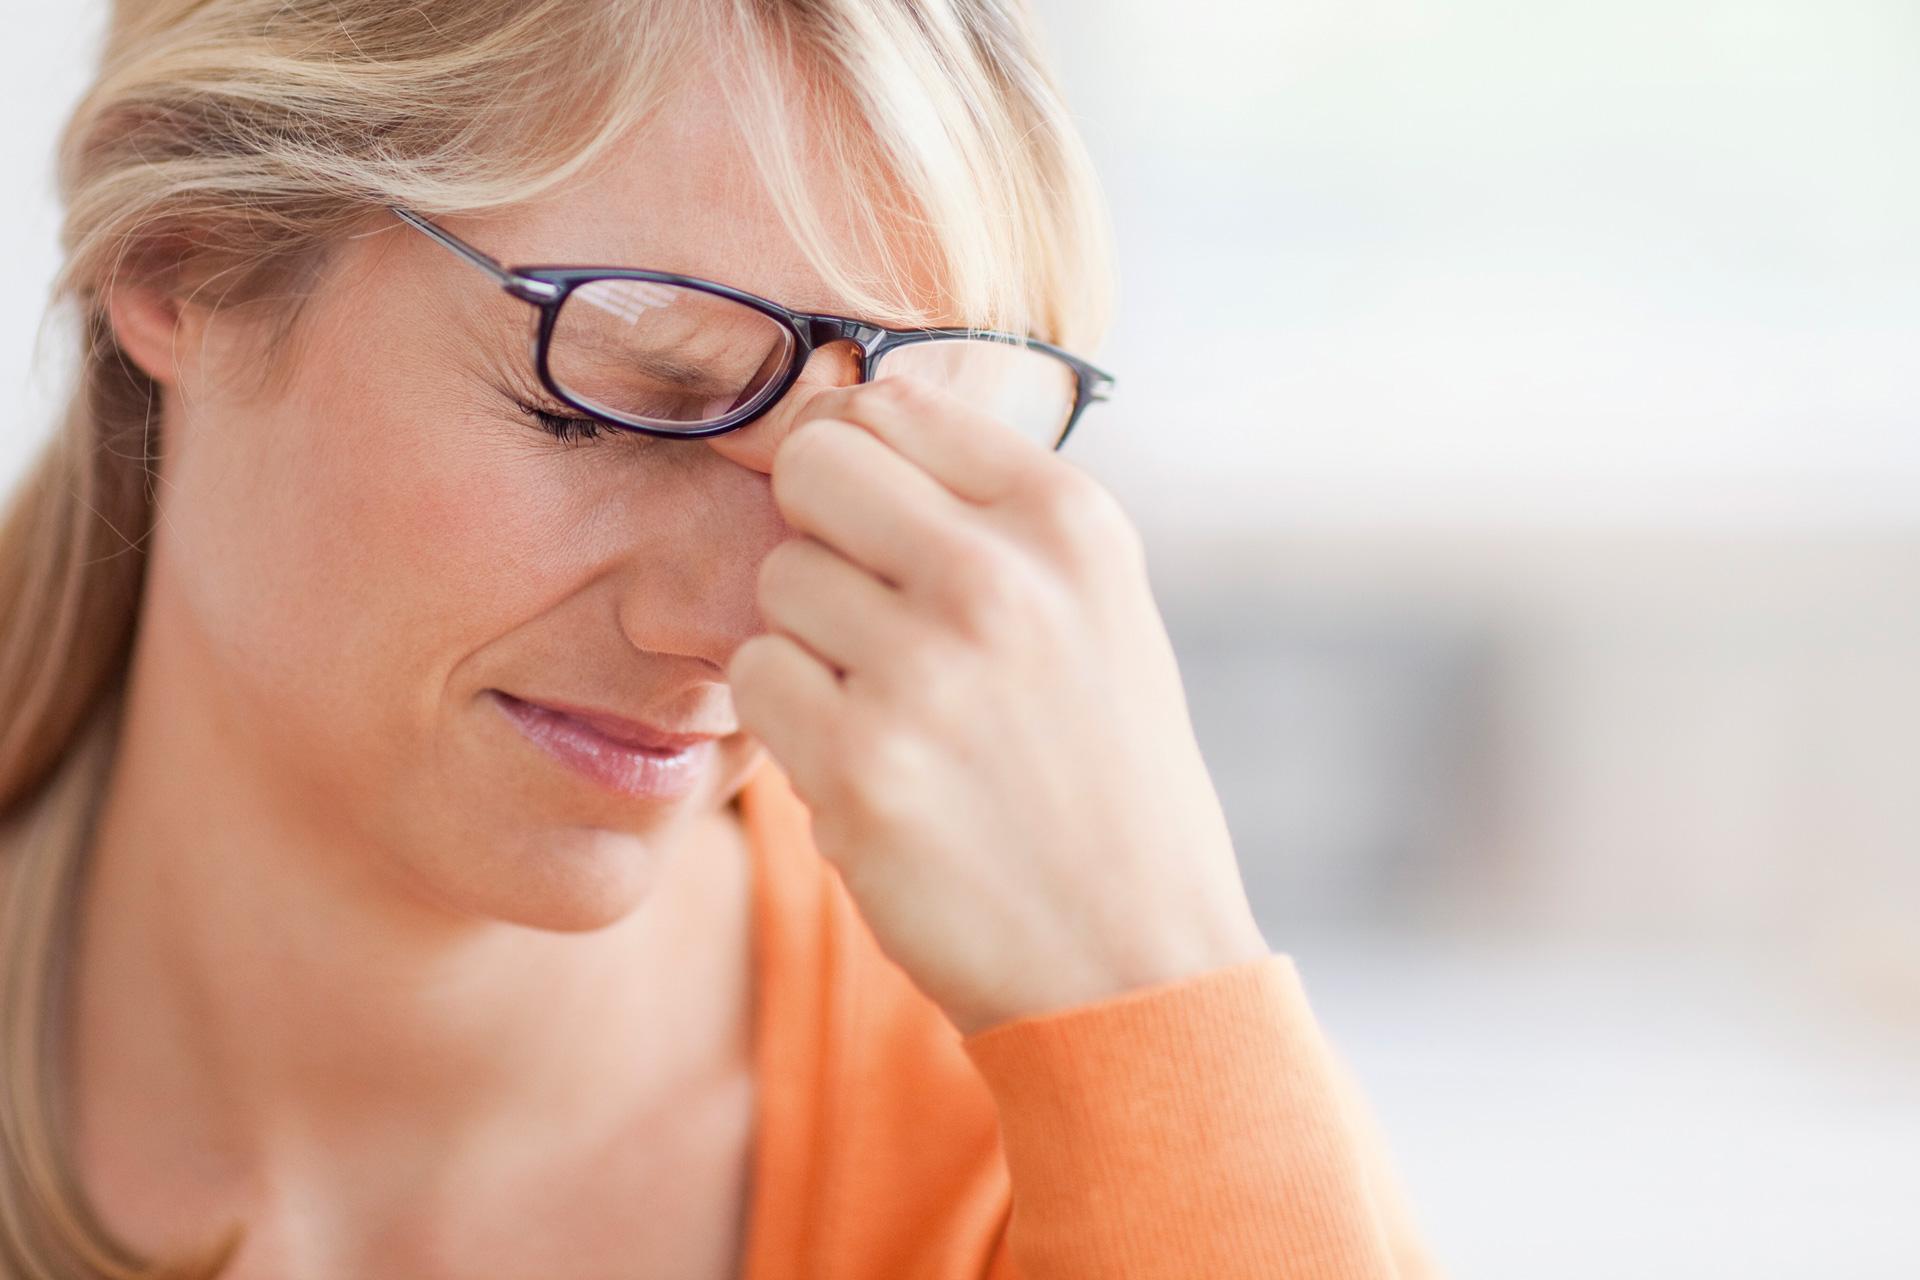 b1e083808 O uso de óculos inadequados ou a exposição à luz desfavorável podem  prejudicar os seus olhos?